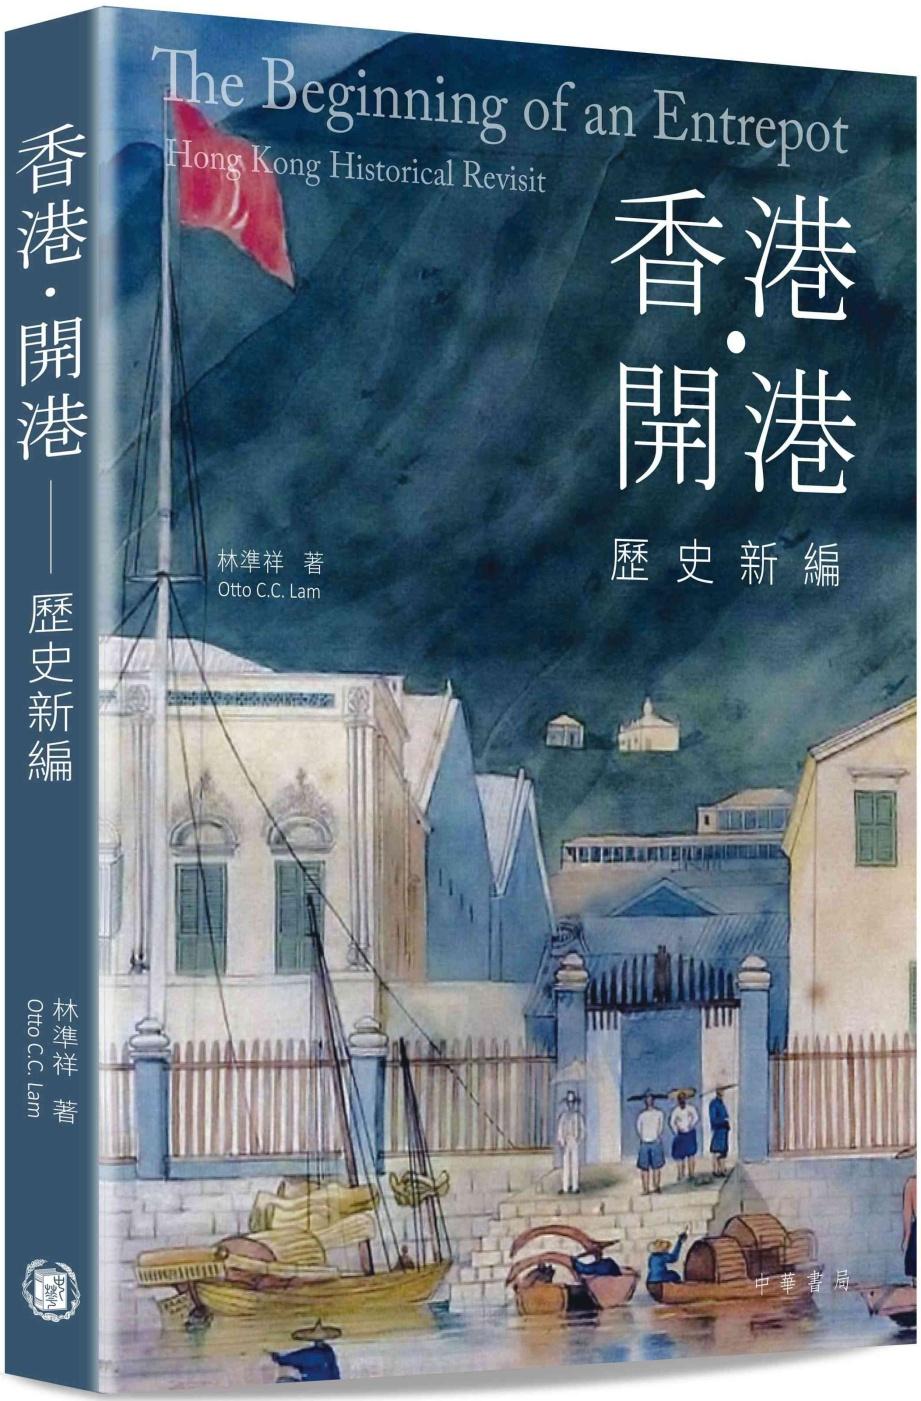 香港‧開港:歷史新編